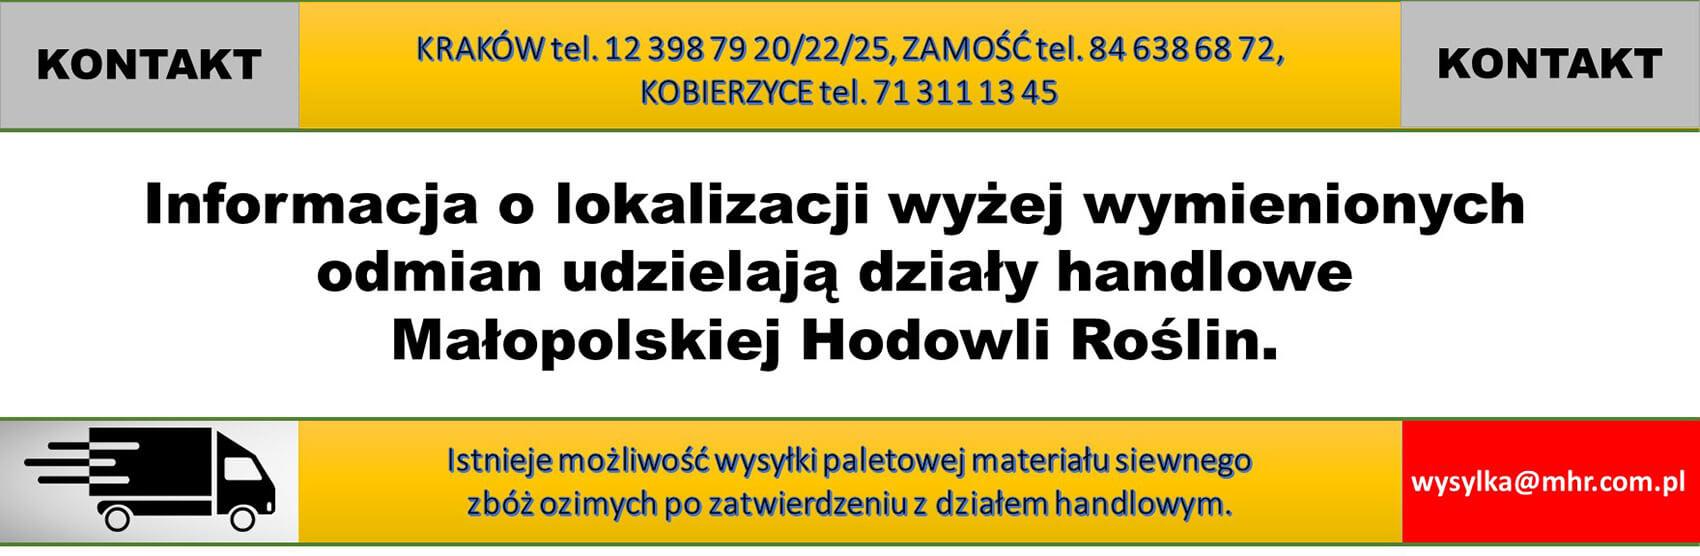 wysyłka nasion MHR Kraków